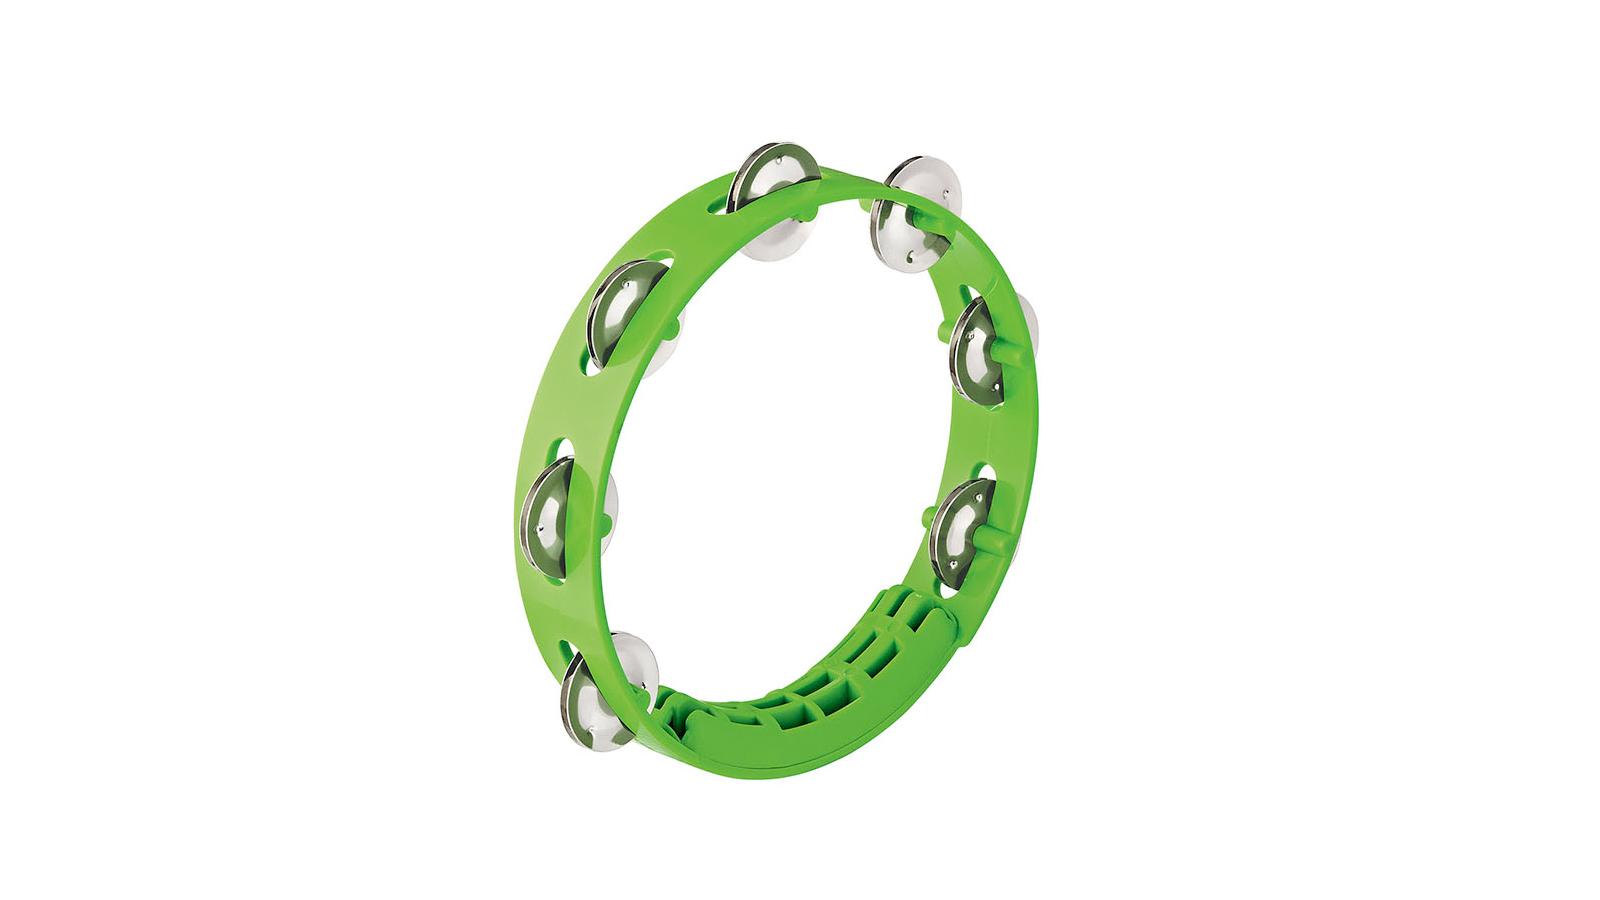 Nino Kompakt ABS Tamburin Grasgrün